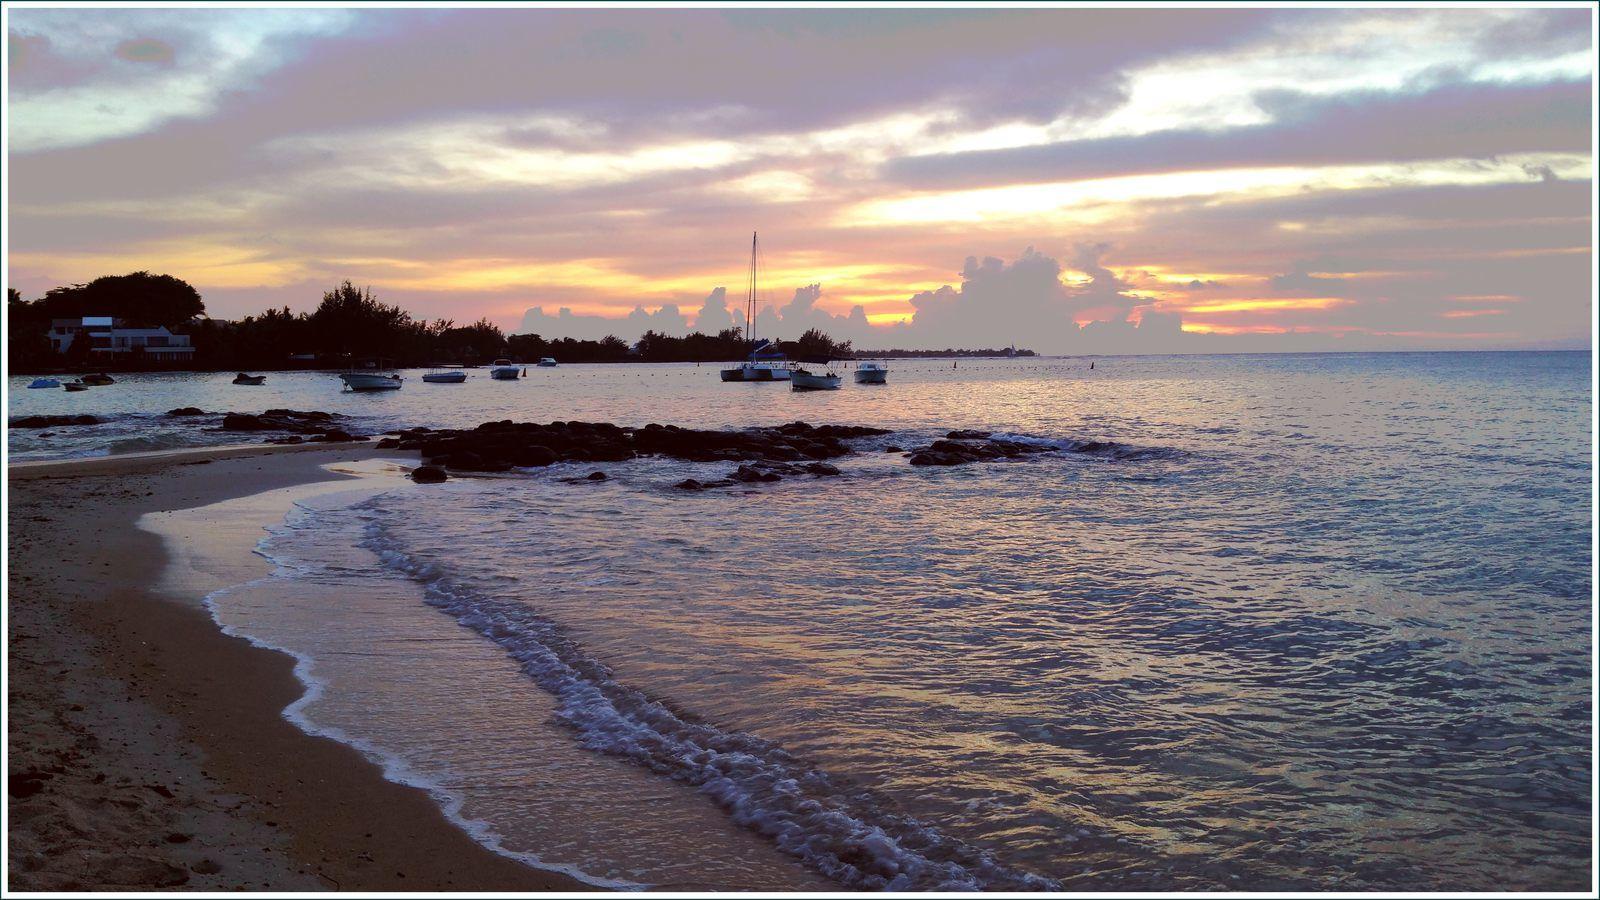 290 - Île Maurice, 24ème, février mars 2017 plages du nord de l'île, couchers de soleil photos en passant, quiétude du soir